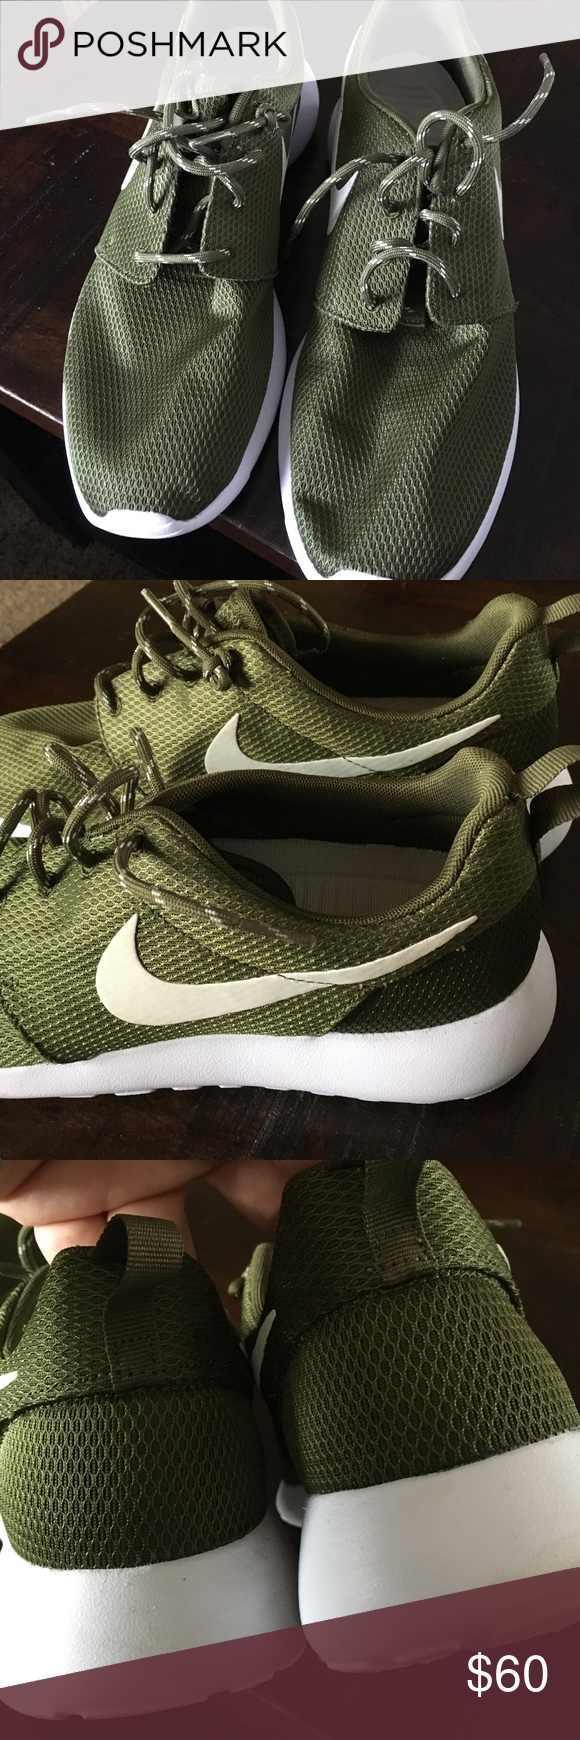 Nike olive green Roshe size 11 excellent condition Nike women size 11 Roshe  olive army green